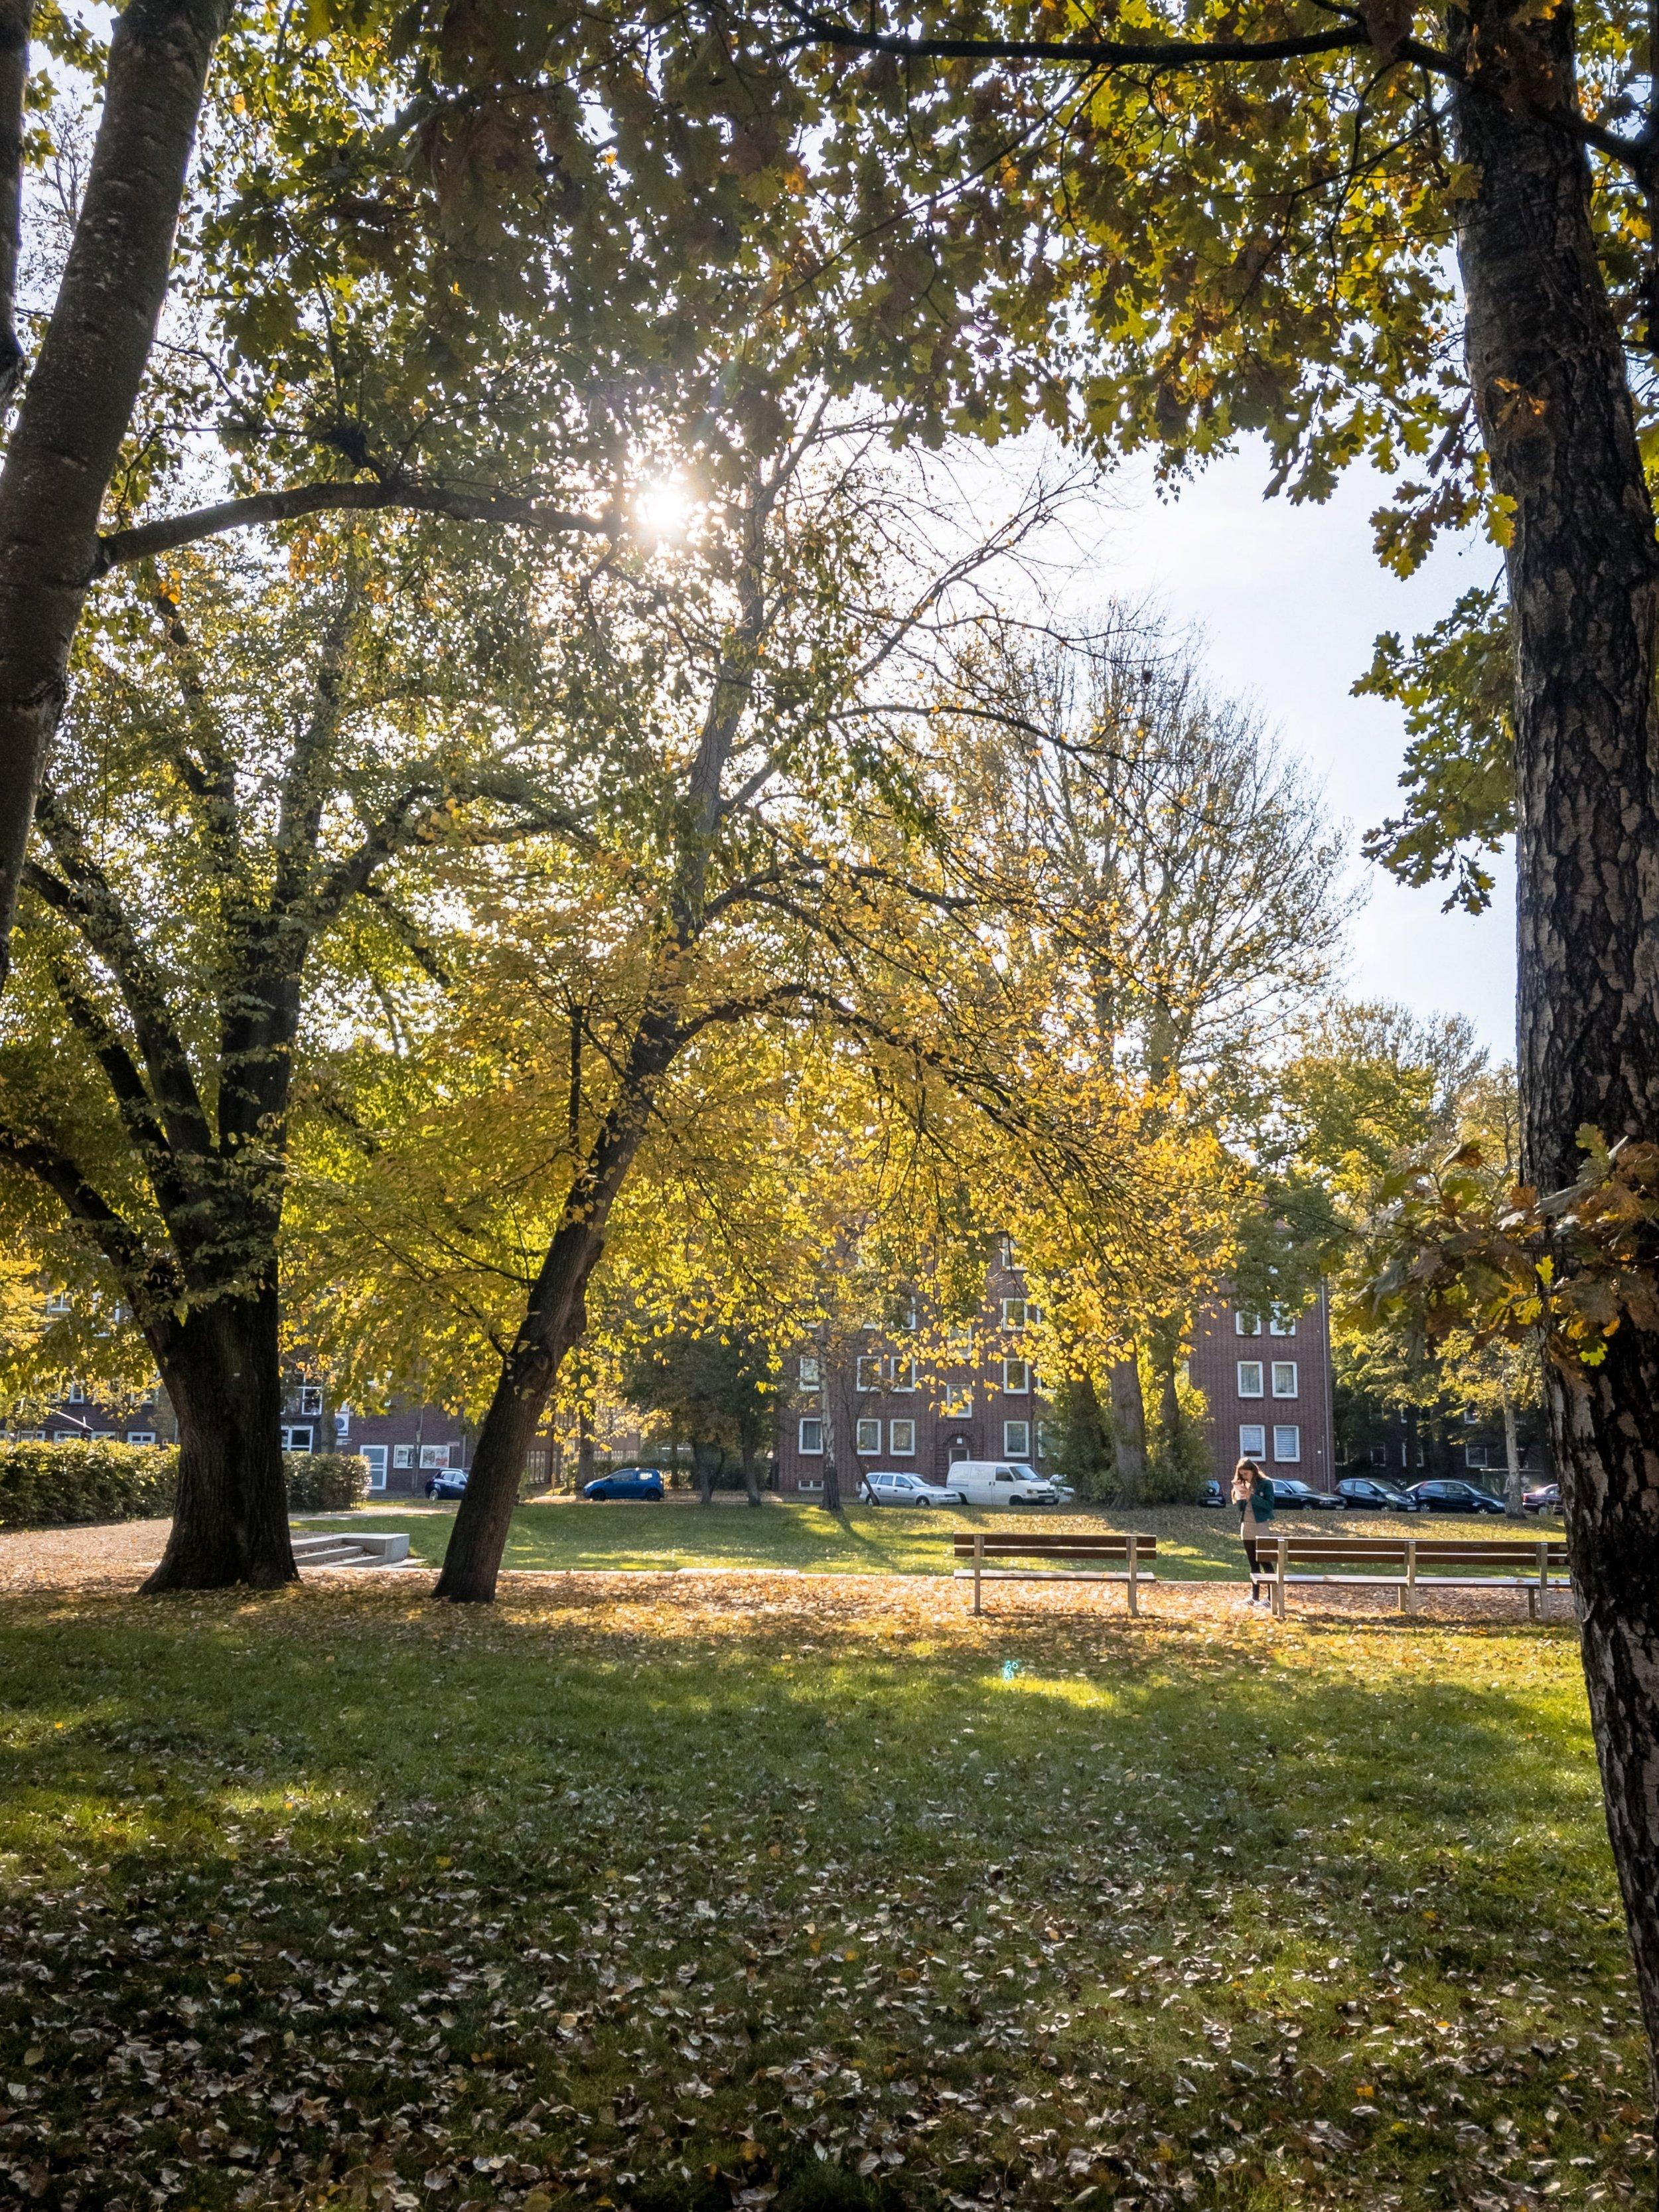 APC_0120-hdr - Herbst ShotoniPhone Autumn Blätter Leaves Sun Sonne Light Threes Licht Bäume Baum Stadt Osnabrück.jpg